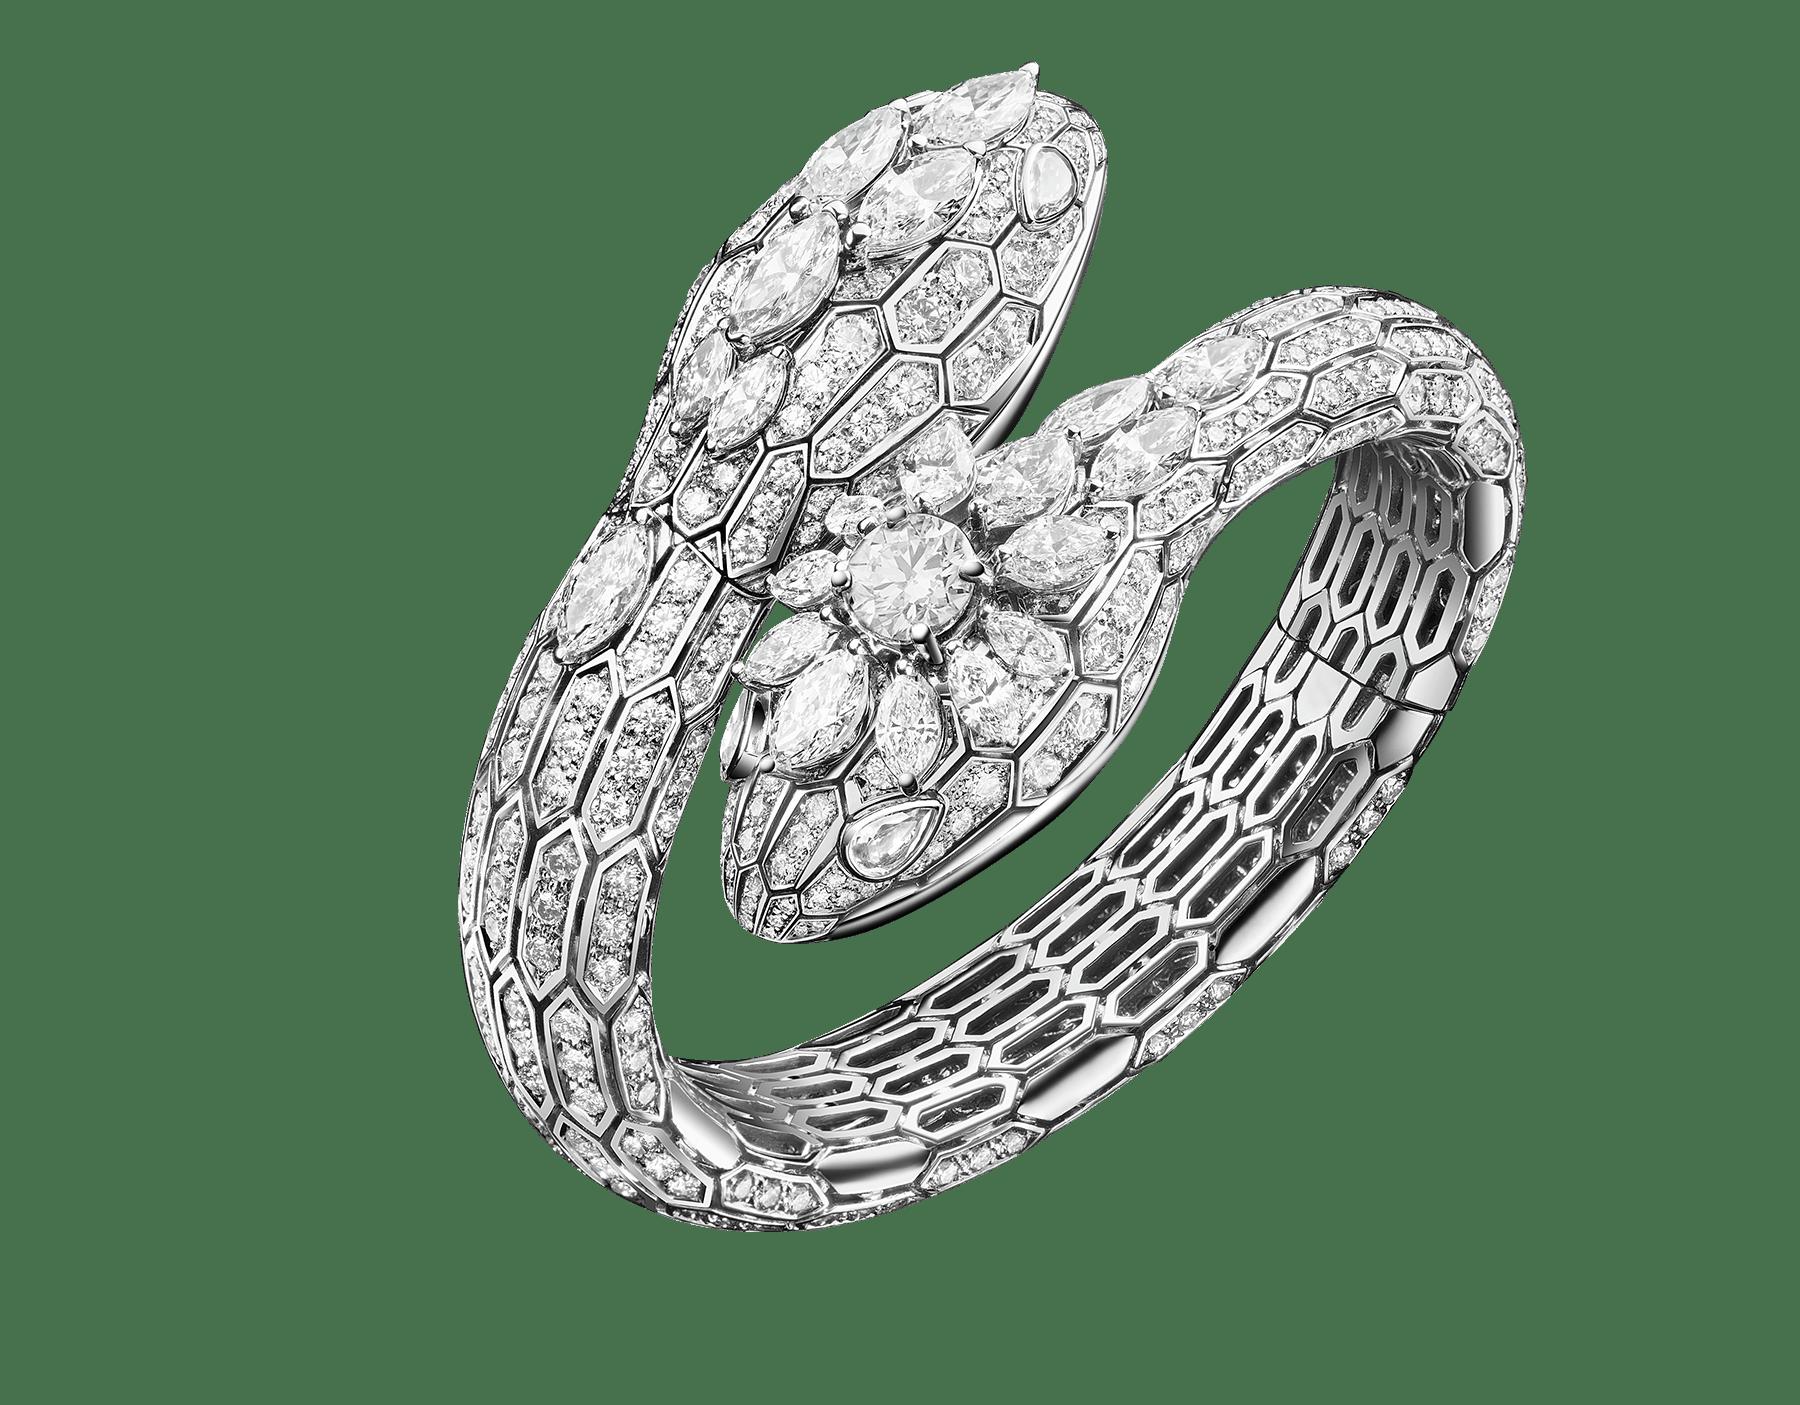 Montre à deux têtes Serpenti avec têtes en or blanc 18K serties de diamants taille brillant, diamants taille marquise et un diamant rond, boîtier en or blanc 18K, cadran en or blanc 18K serti de diamants taille brillant, bracelet en or blanc 18K serti de diamants taille brillant et marquise. 102783 image 1